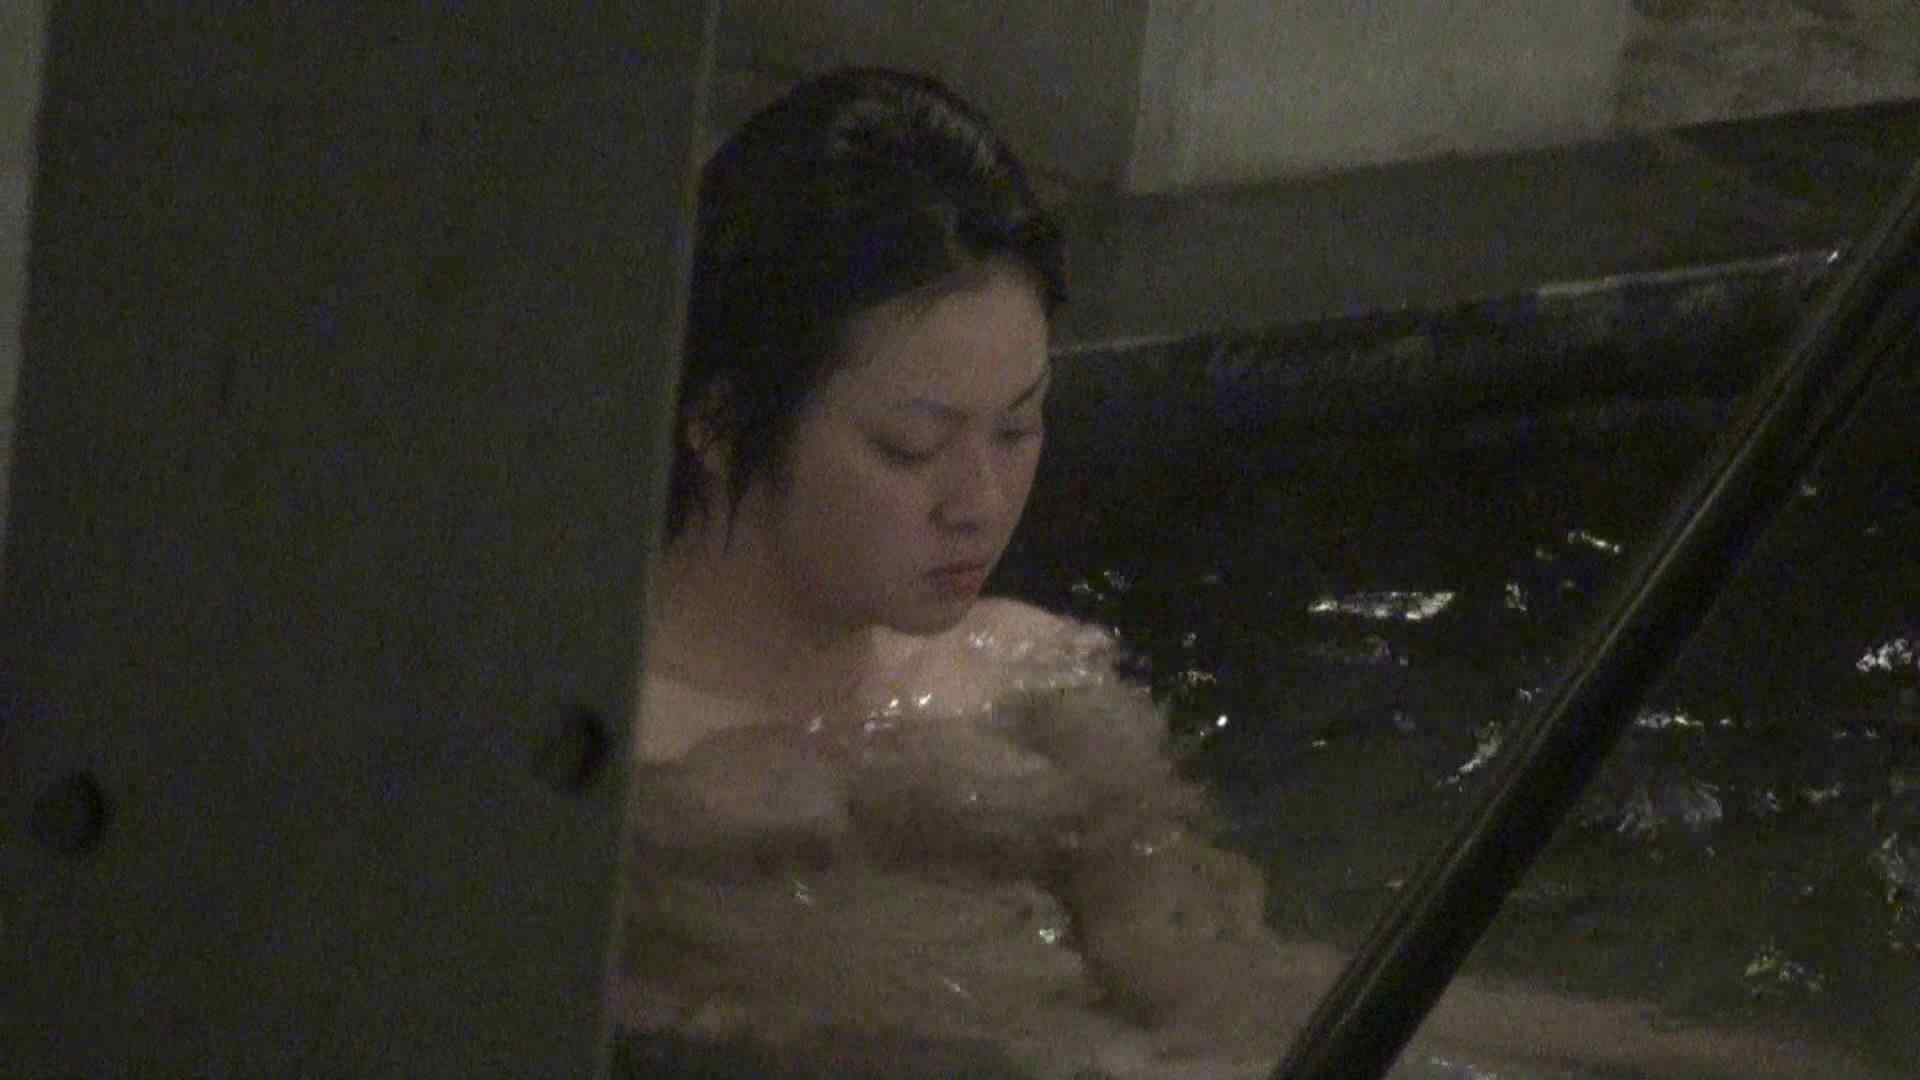 Aquaな露天風呂Vol.338 0   0  101pic 96